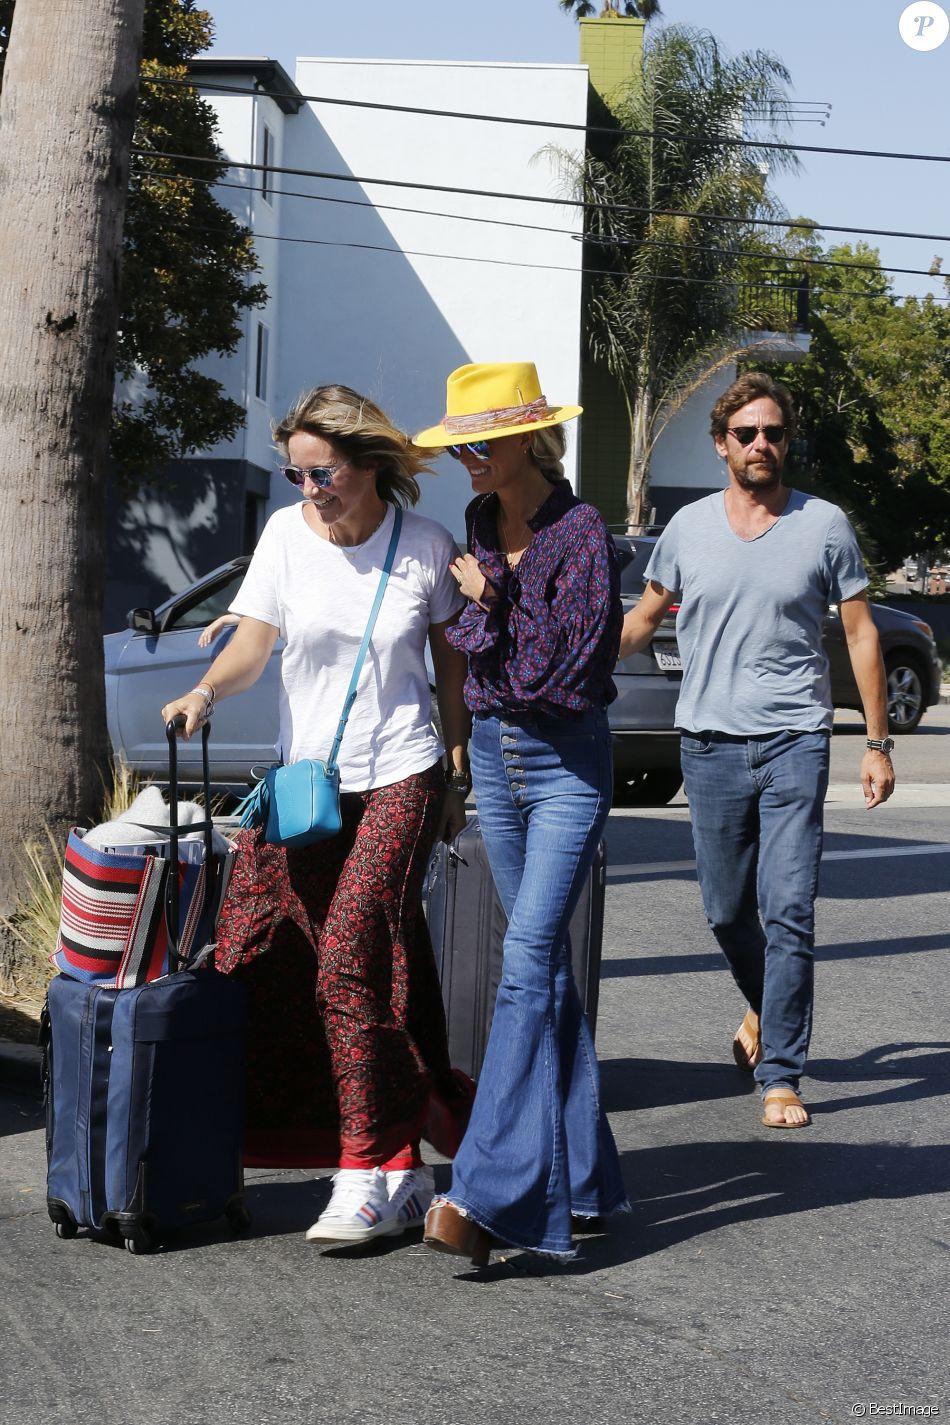 Laeticia Hallyday et son compagnon Pascal Balland ressortent du restaurant de sushi avec Marine, l'ex-femme de Pascal Balland, à Los Angeles, avant d'aller chercher leurs filles à l'école. Le 13 septembre 2019